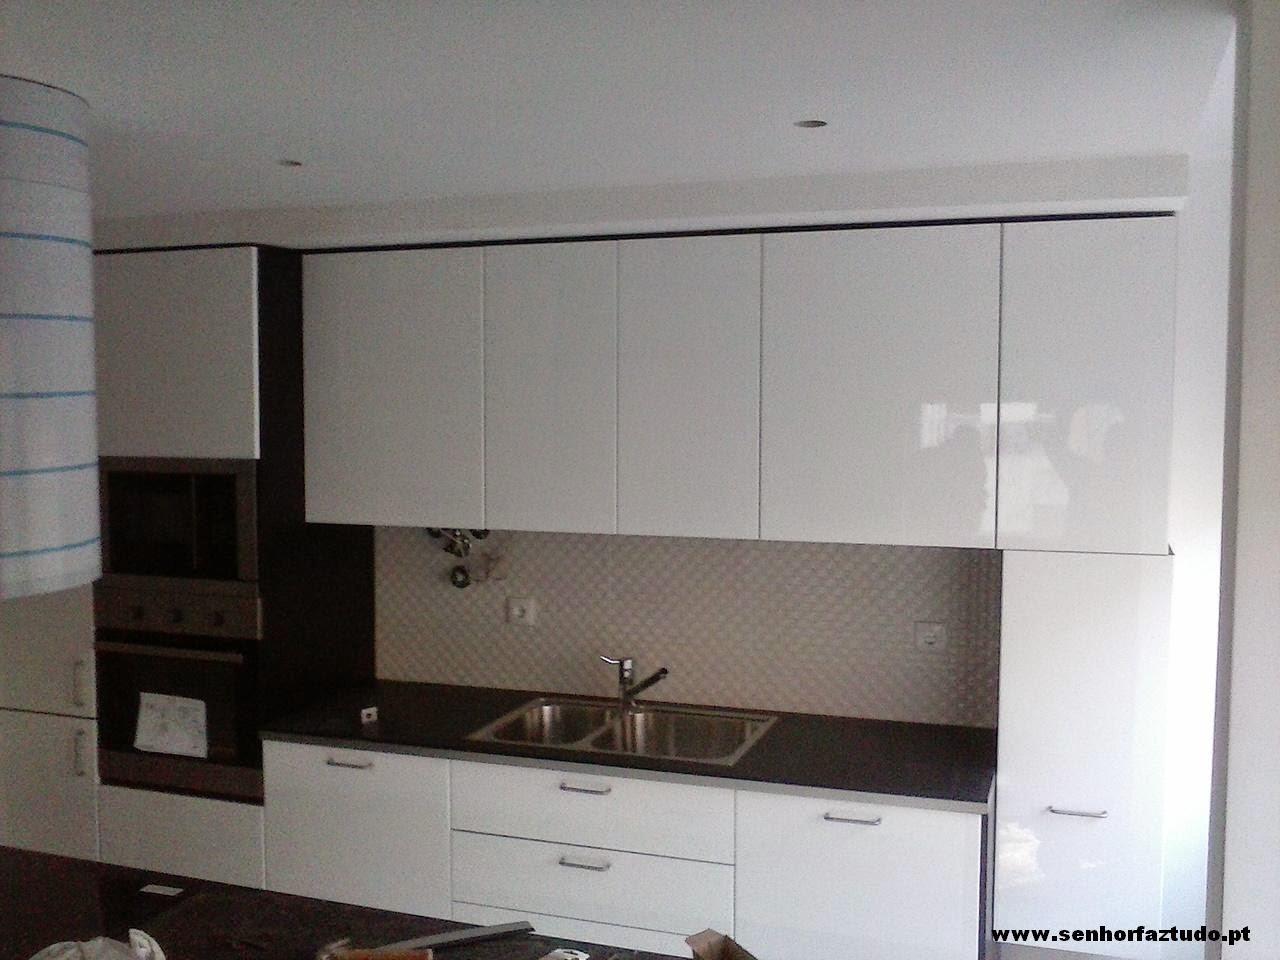 Montagem de cozinhas Ikea : Montagem de uma cozinha Ikea em Benfica #201A16 1280 960